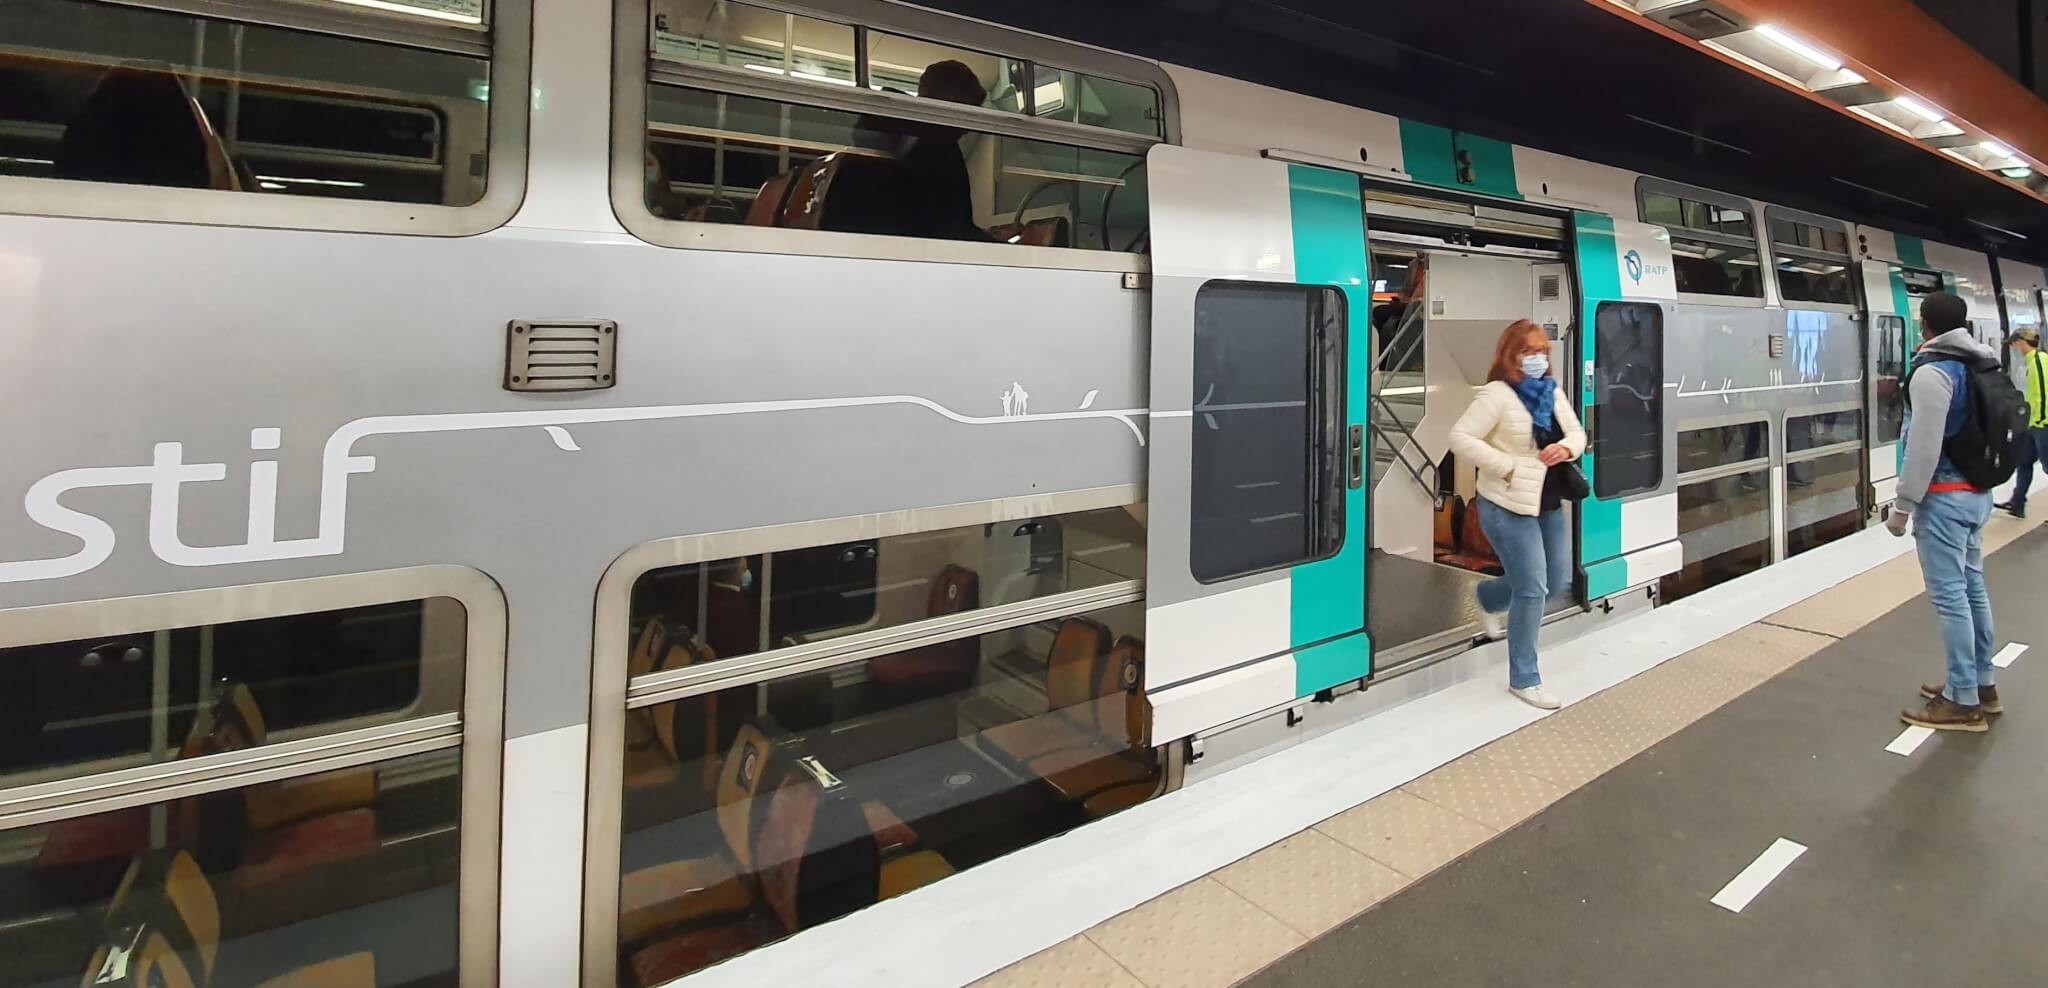 Crise Covid: l'autorité des transports publics d'Île-de-France réclame 2,6 milliards € et un plan de relance